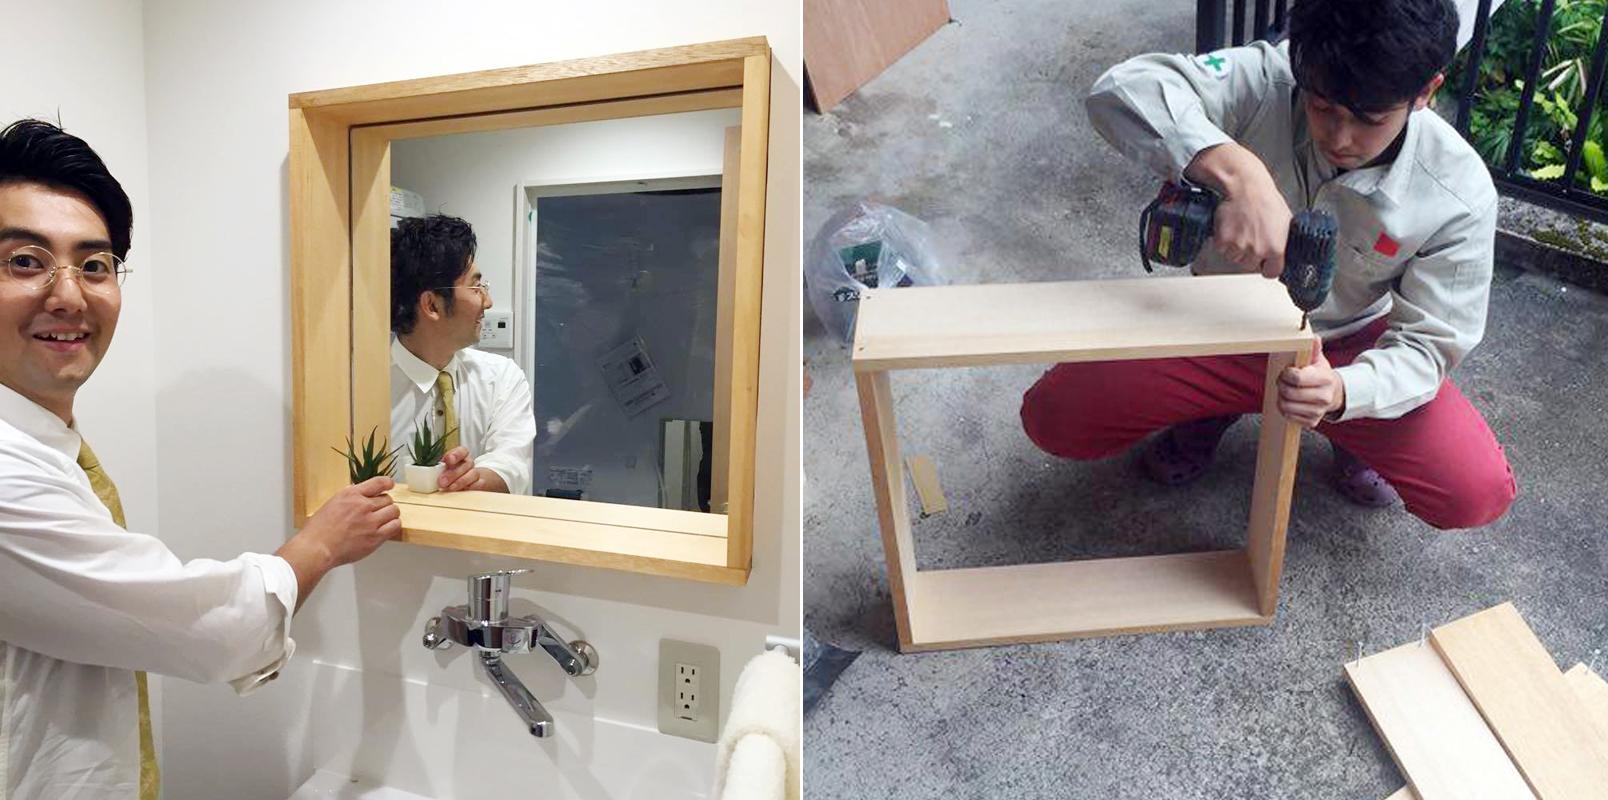 廃材で木フレームをつくり鏡を接着。小物も置けて雰囲気のよい洗面キャビネットになった